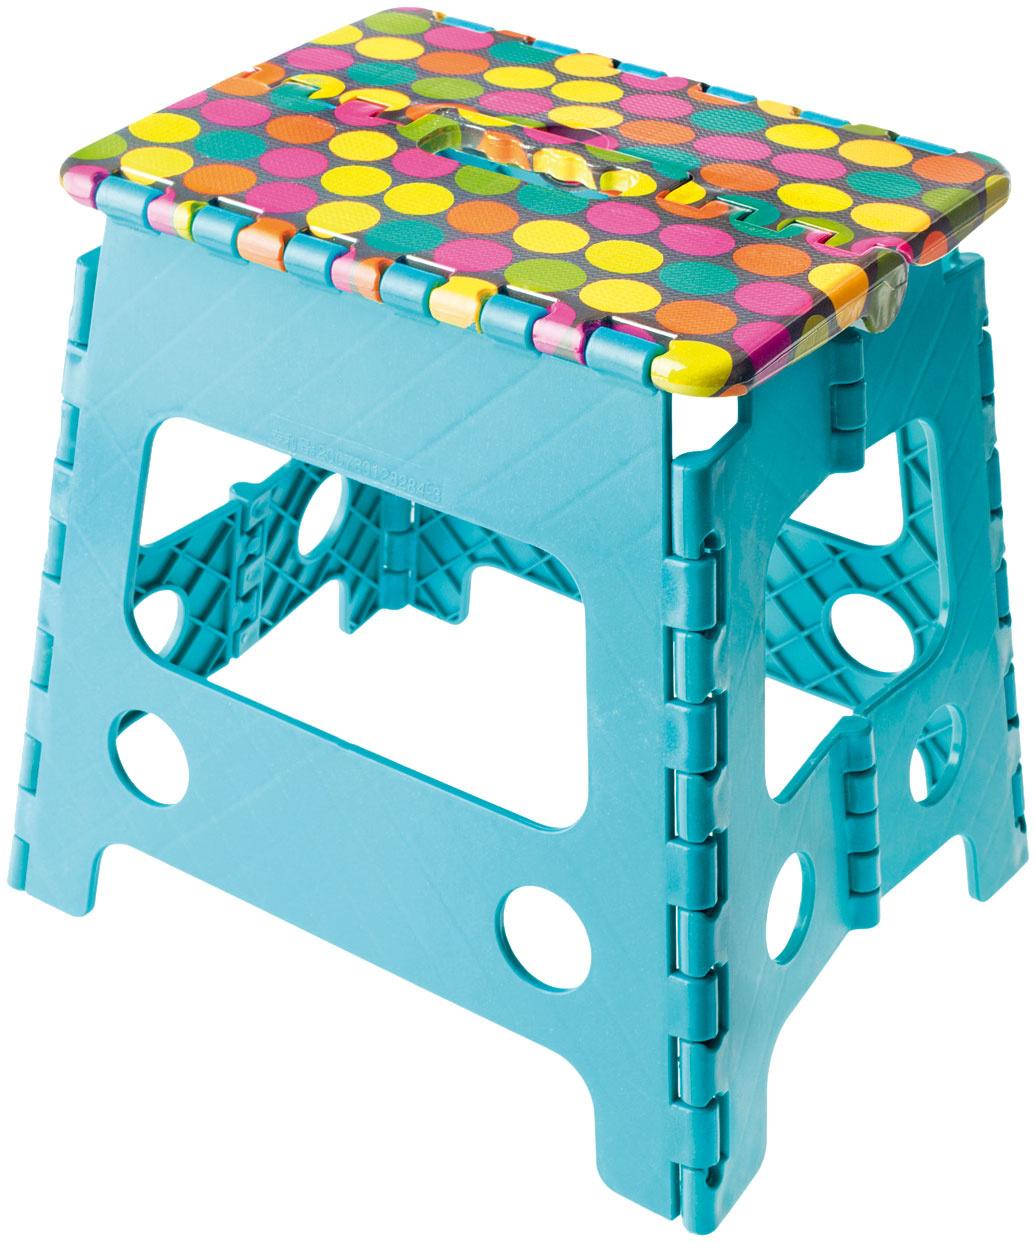 Skladacia stolička sa hodí nielen pre deti do kúpeľne, ale aj všade tam, kde vám chýba zopár centimetrov.  Stolička VIGAR Candy, výška 22 cm, nosnosť 125 kg, 17,40 €, www.bytovedoplnky.sk